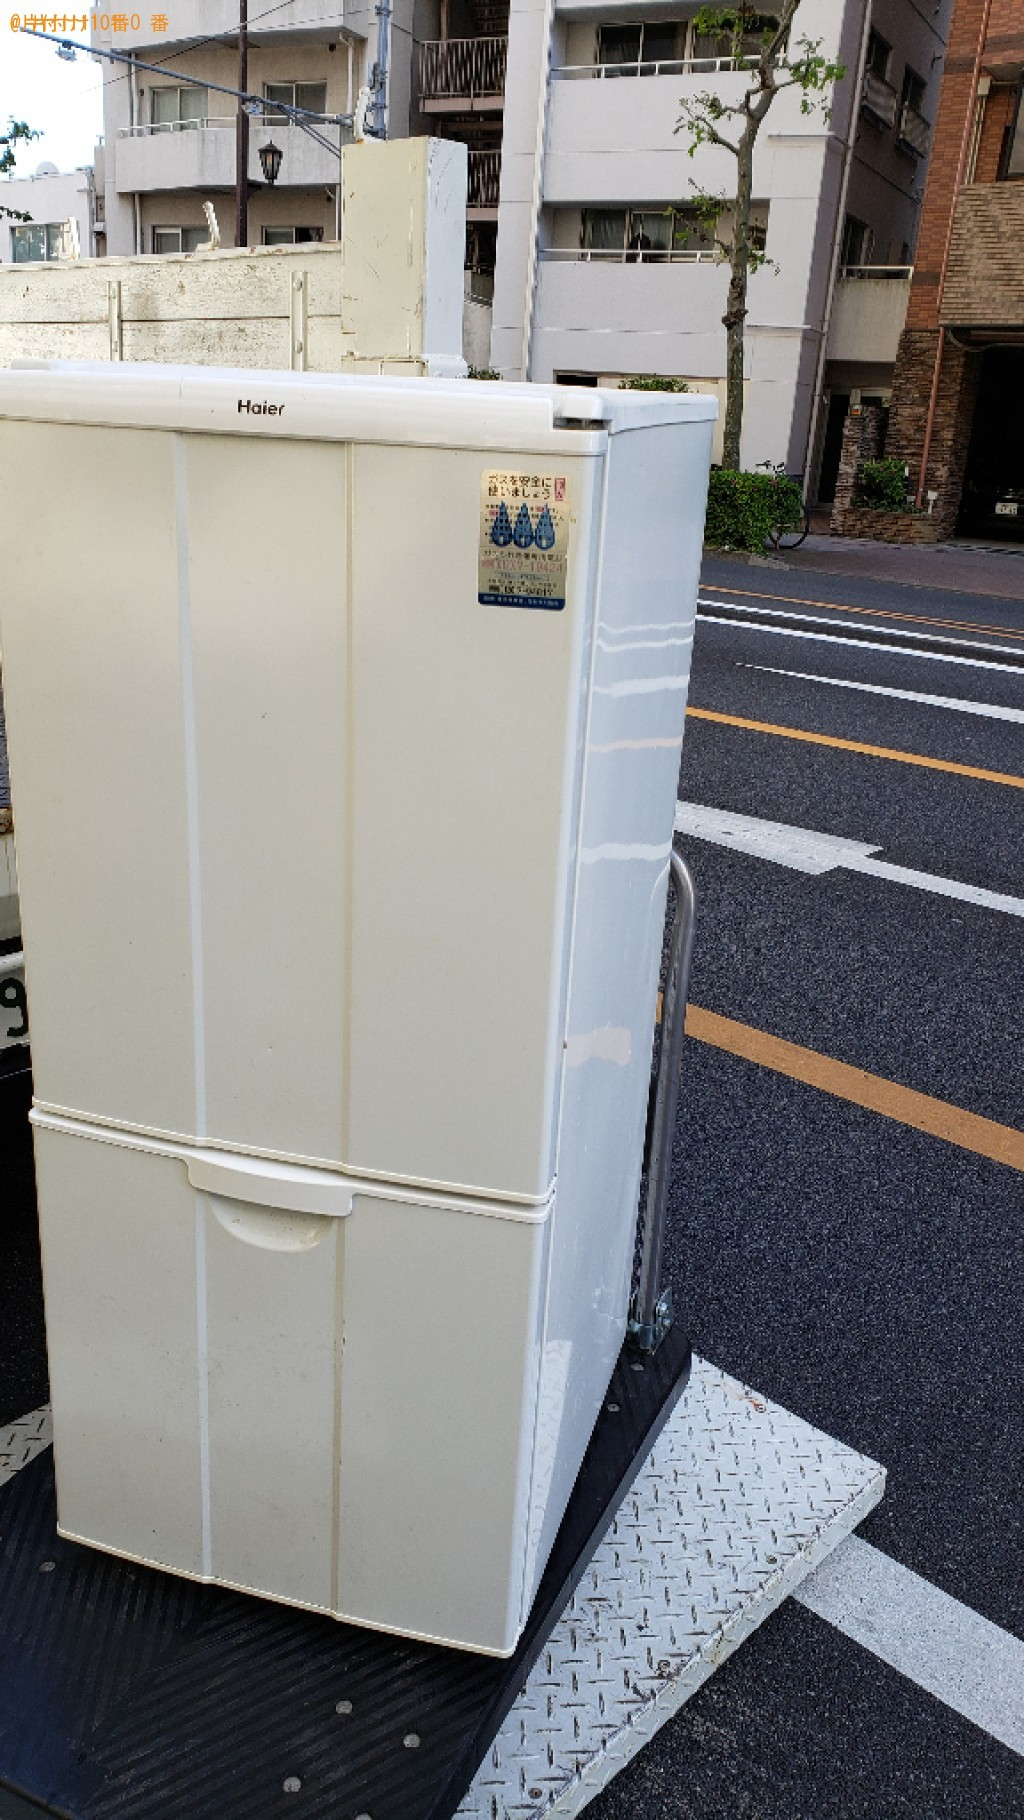 【練馬区】170L未満冷蔵庫の出張不用品回収・処分ご依頼